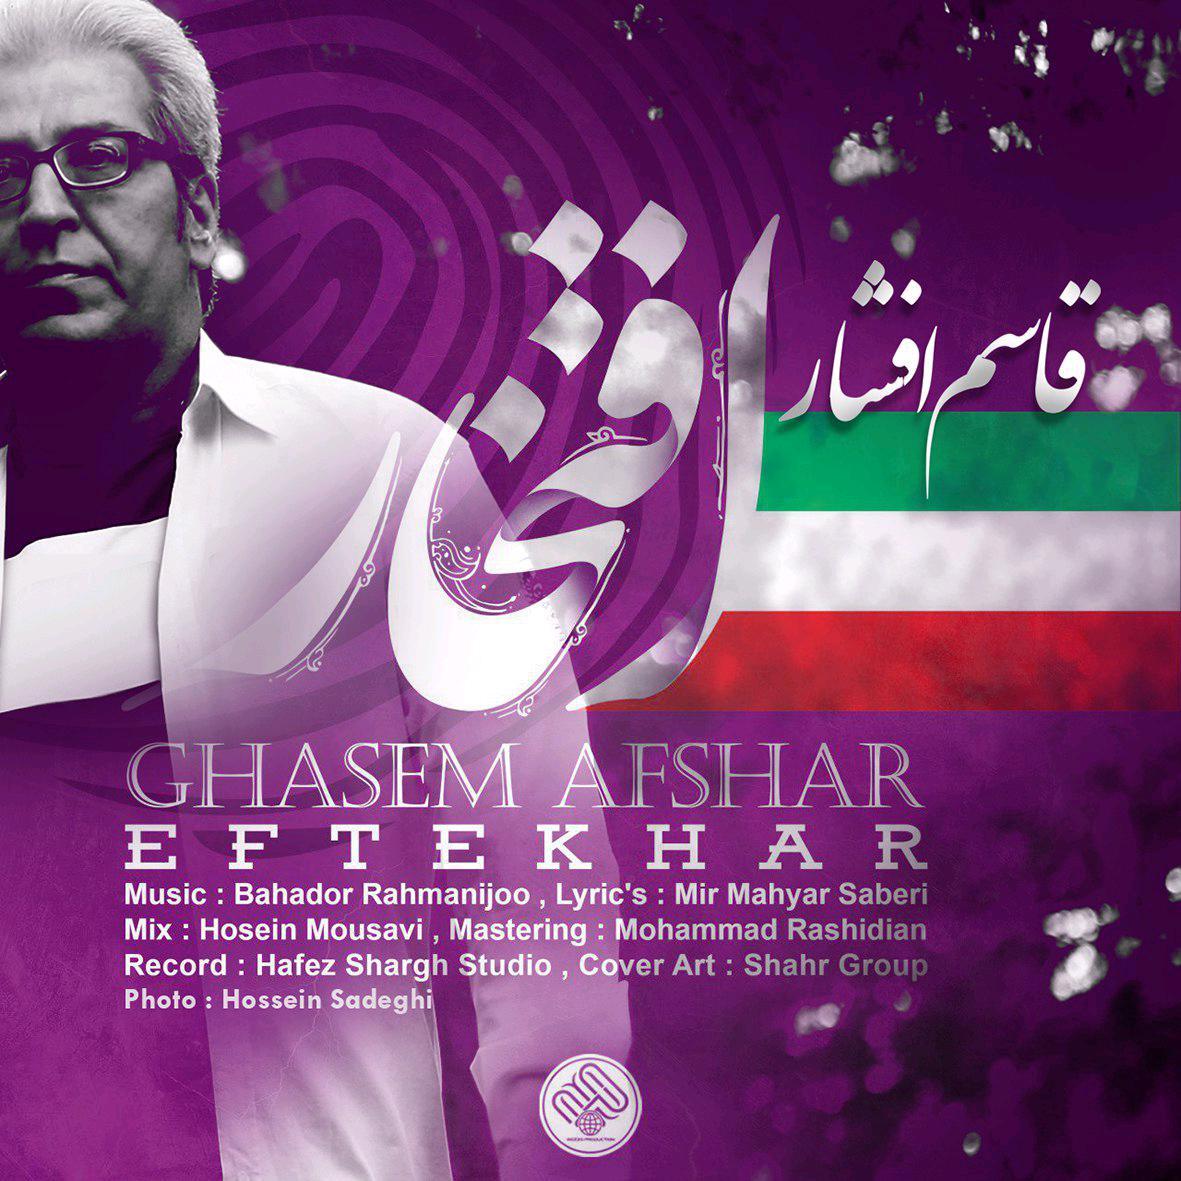 Ghasem Afshar – Eftekhar